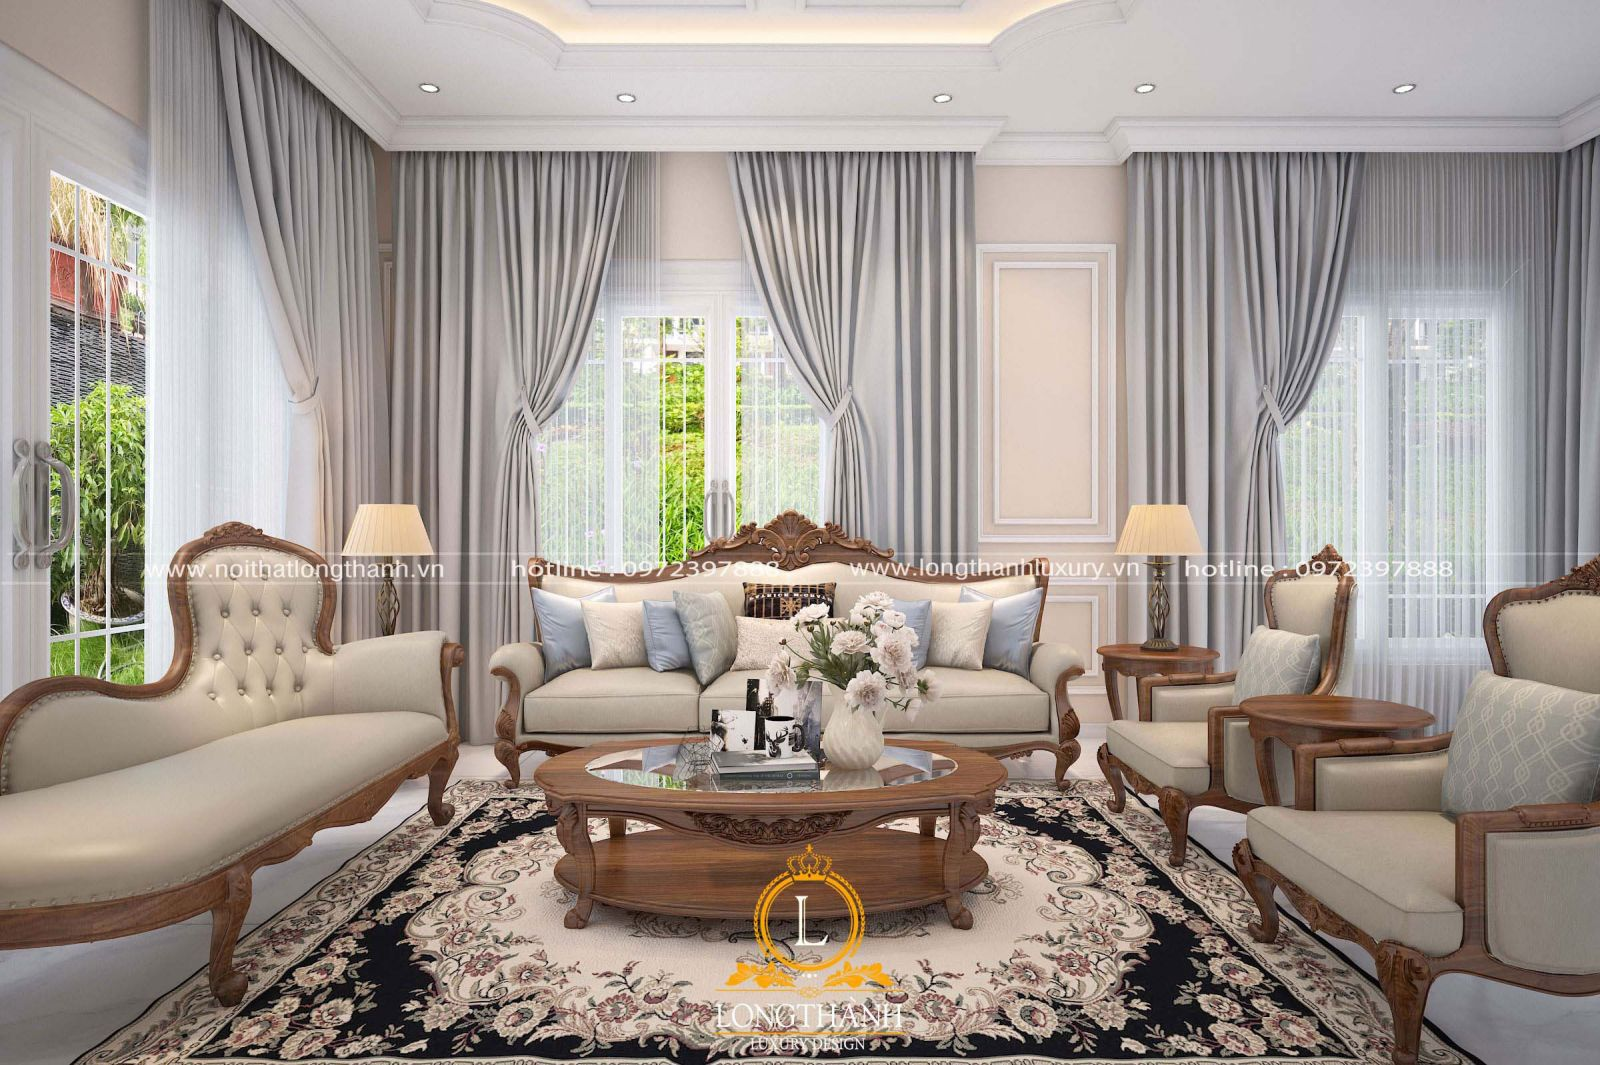 Bộ sofa bọc da đẹp và độc đáo cho không gian phòng khách tân cổ điển